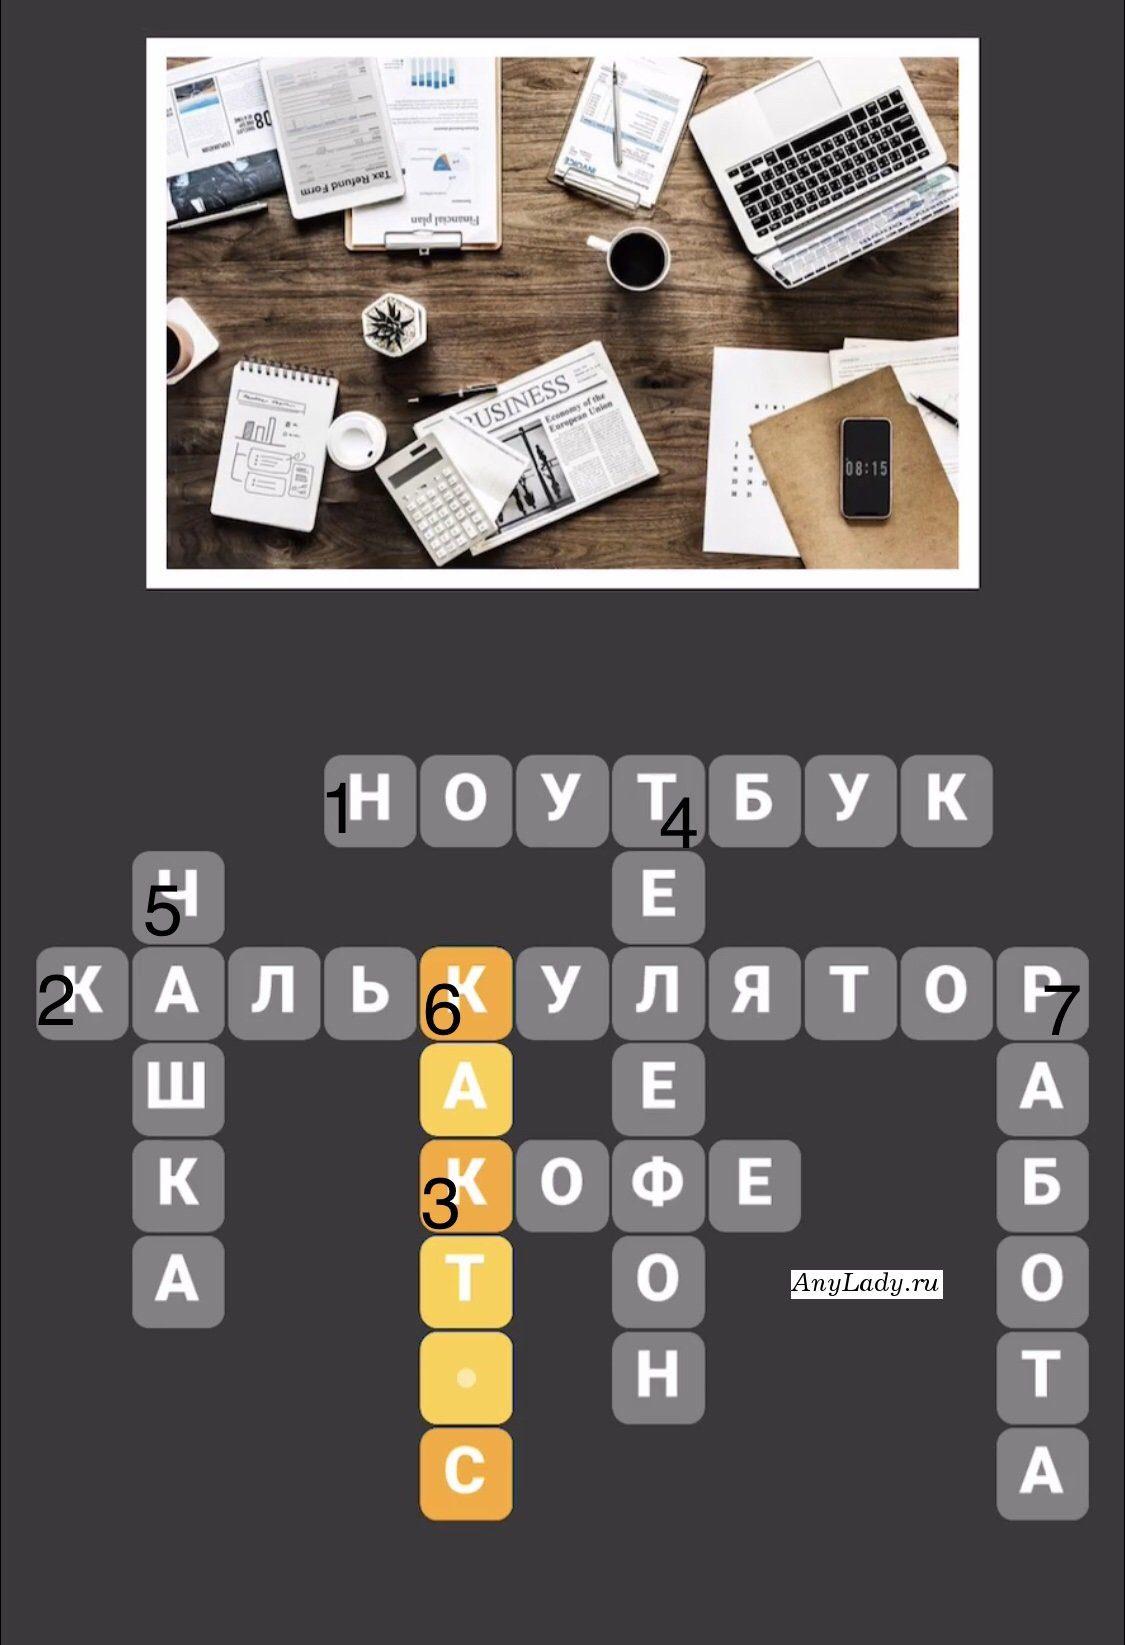 По горизонтали:   1. Ноутбук  2. Калькулятор  3. Кофе По вертикали:  4. Телефон  5. Чашка  6. Кактус  7. Работа